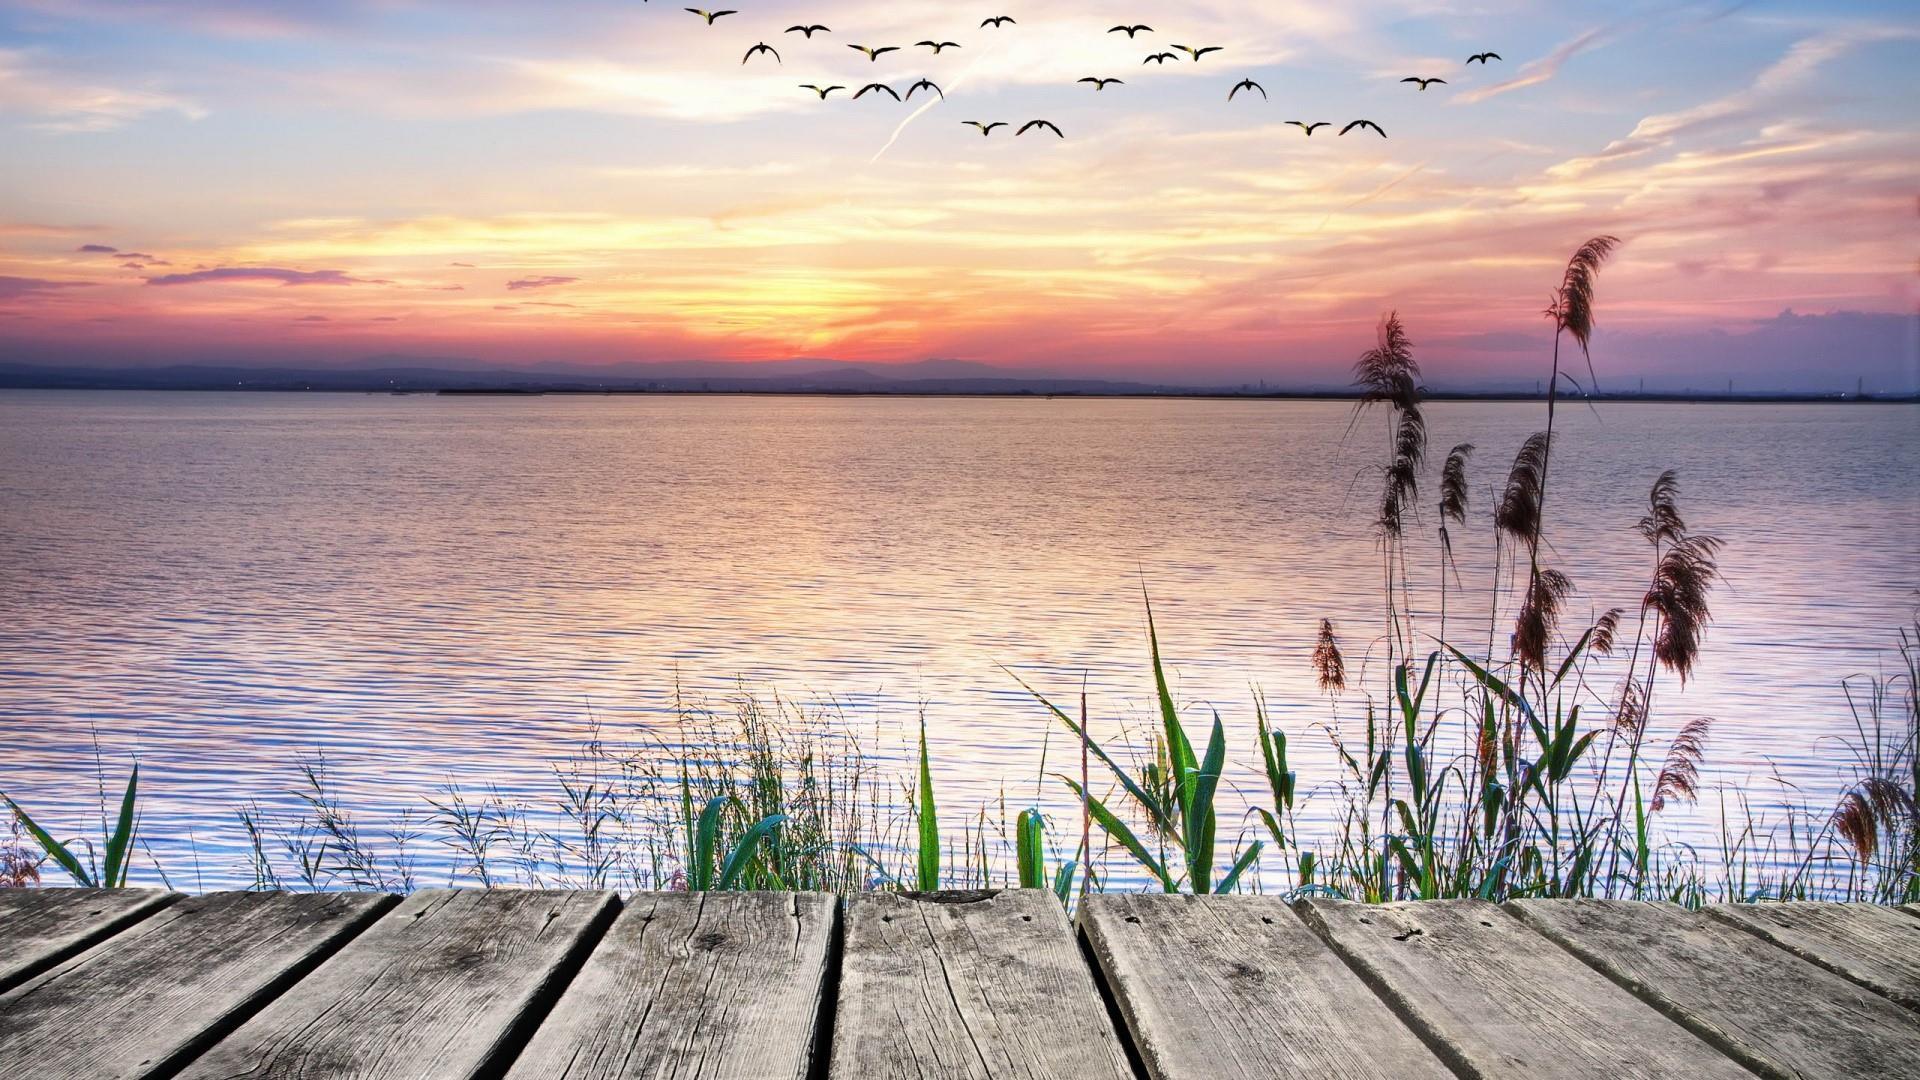 Lake view form a pier wallpaper